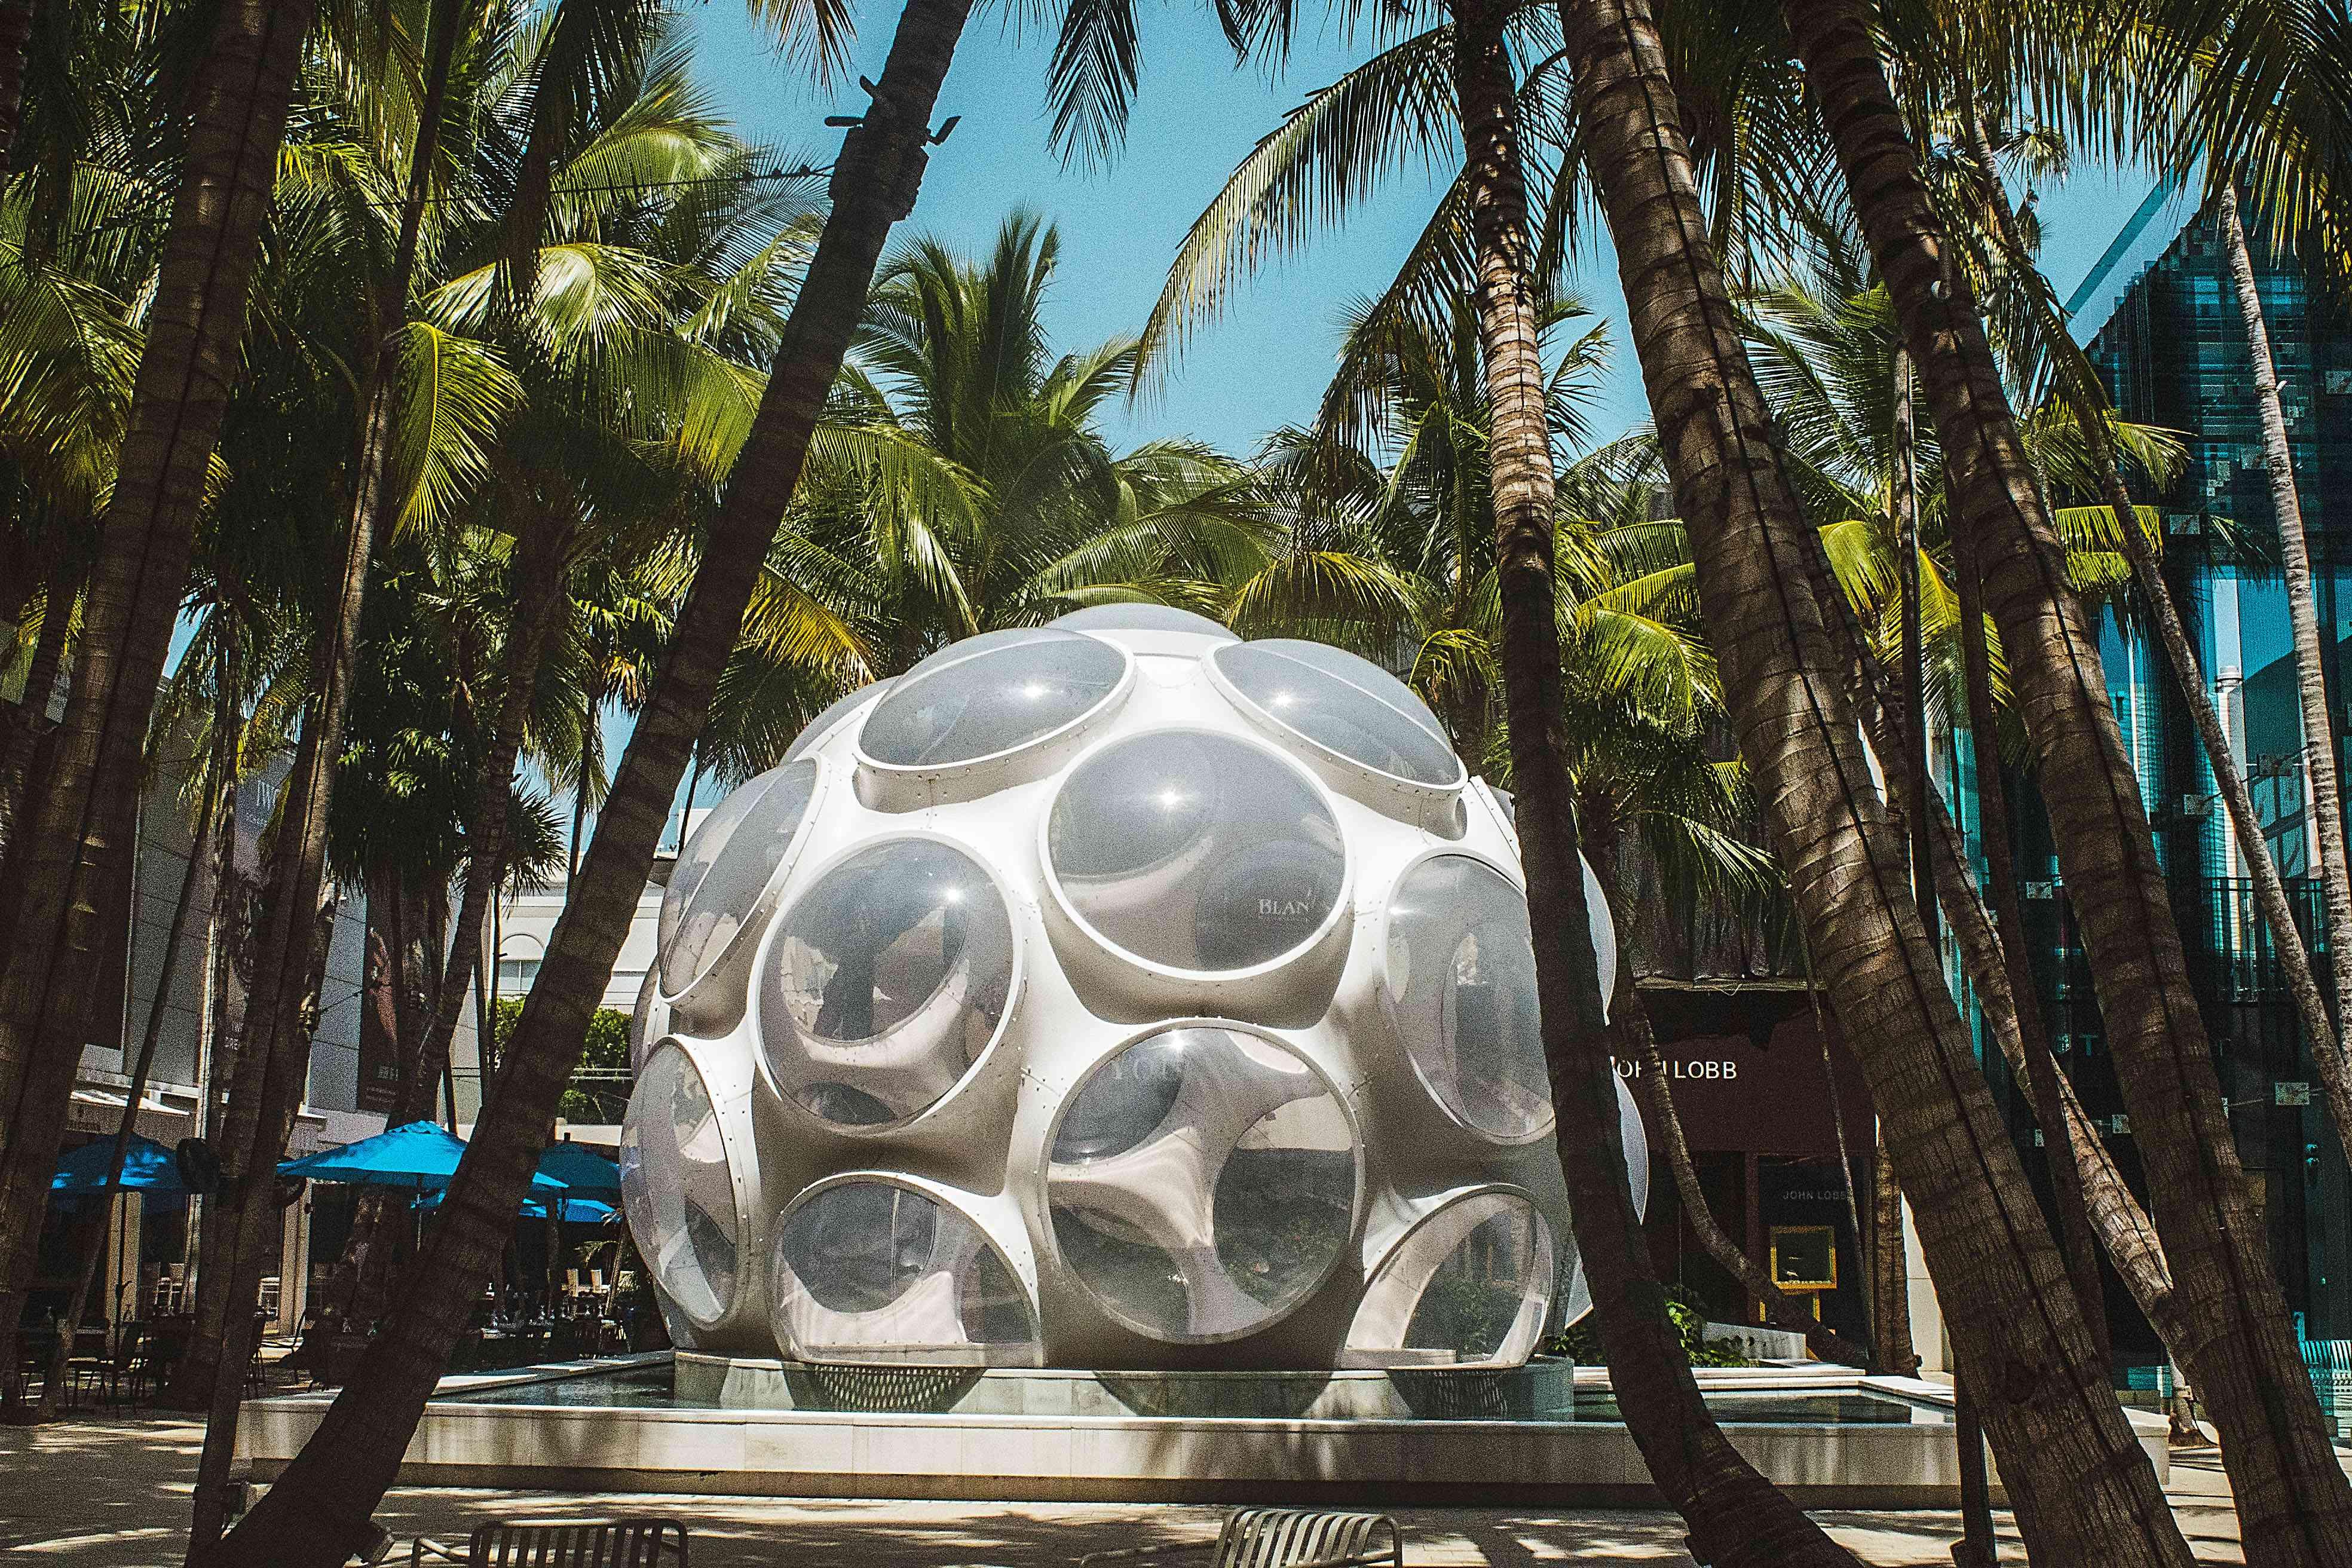 The Dome at the Miami Design District